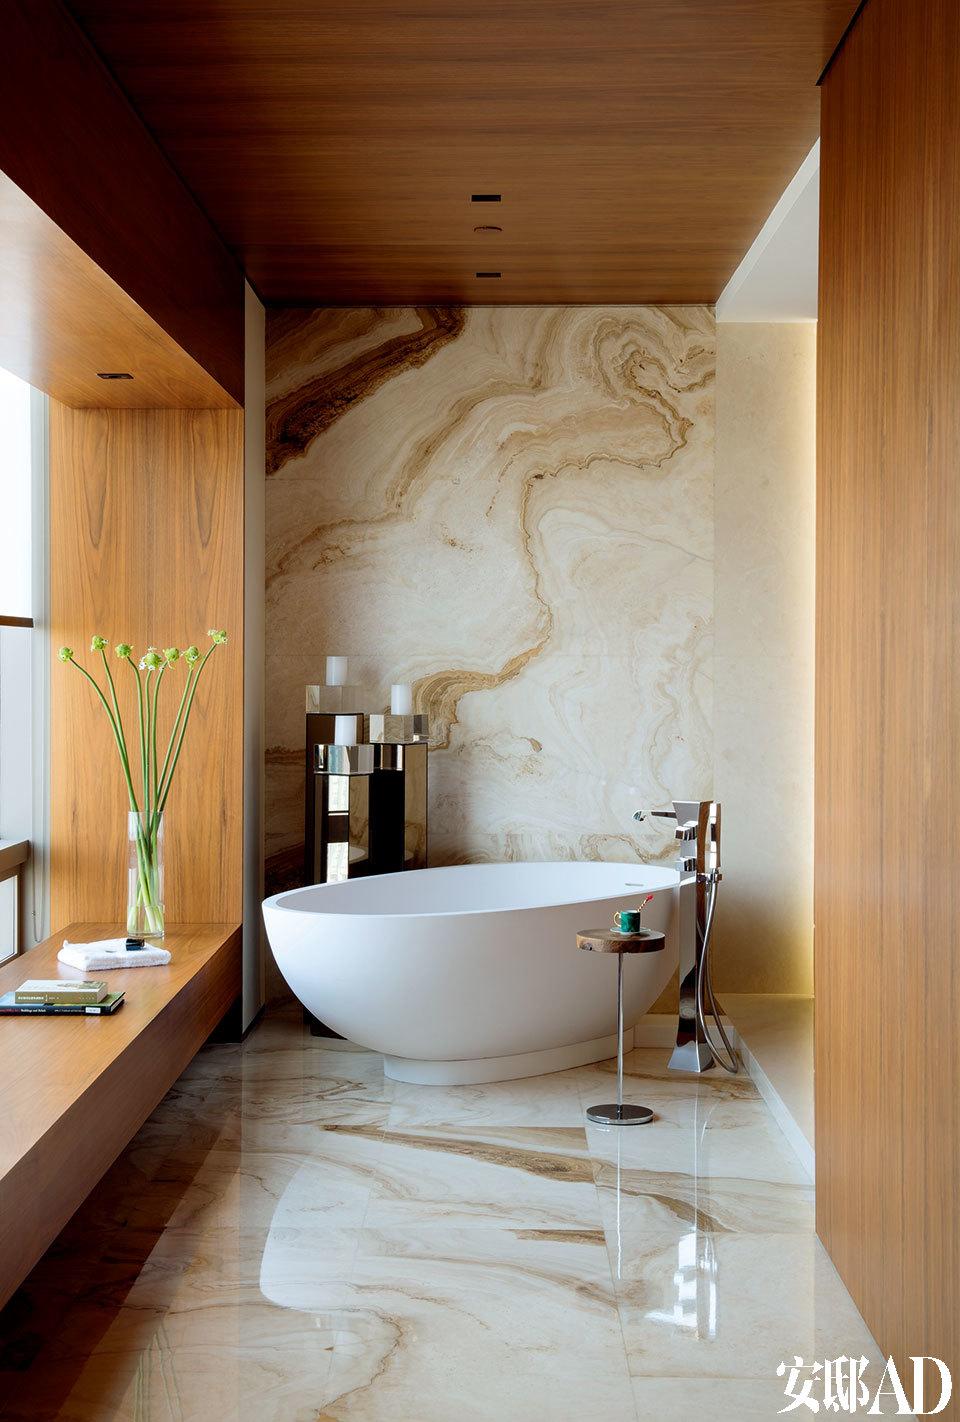 与主卧室相通的开放式浴室,Agape陶瓷浴缸由Fmarti Guixe设计,购自北京德丽堡建材商贸,金属小茶几来自Ligne Roset。宽敞的主卧室选择了中性色调,Society绿色床品来自Lane Crawford连卡佛。